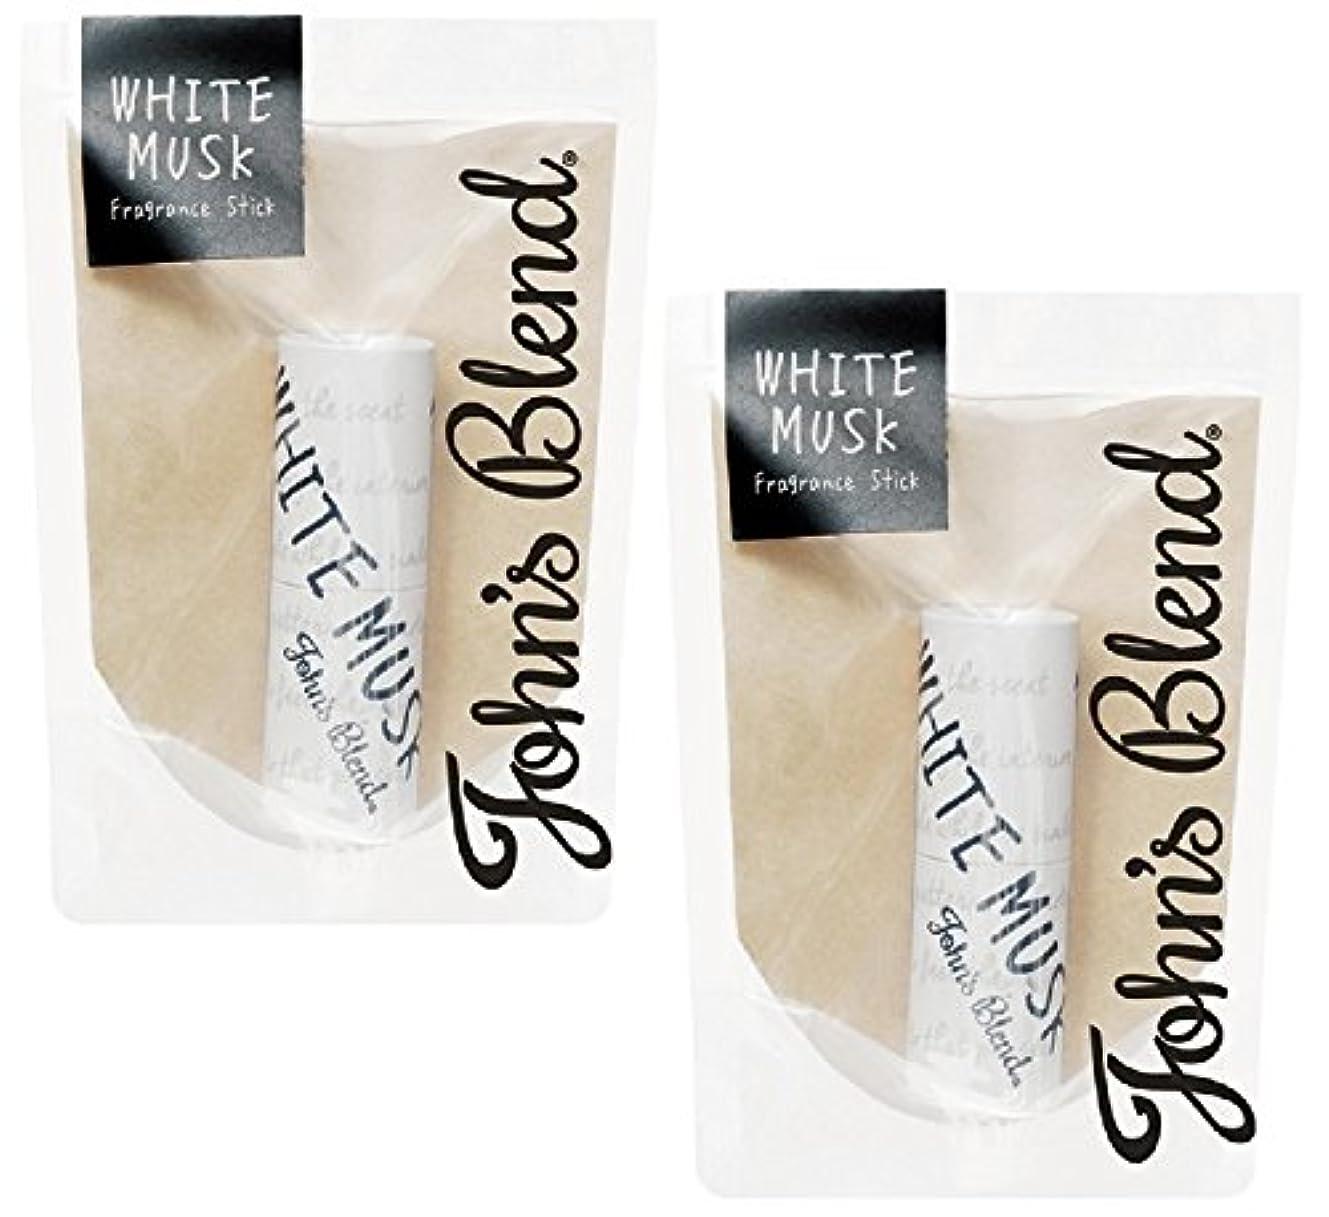 【2個セット】Johns Blend 練り香水 フレグランス スティック ホワイトムスク の香り OZ-JOD-3-1